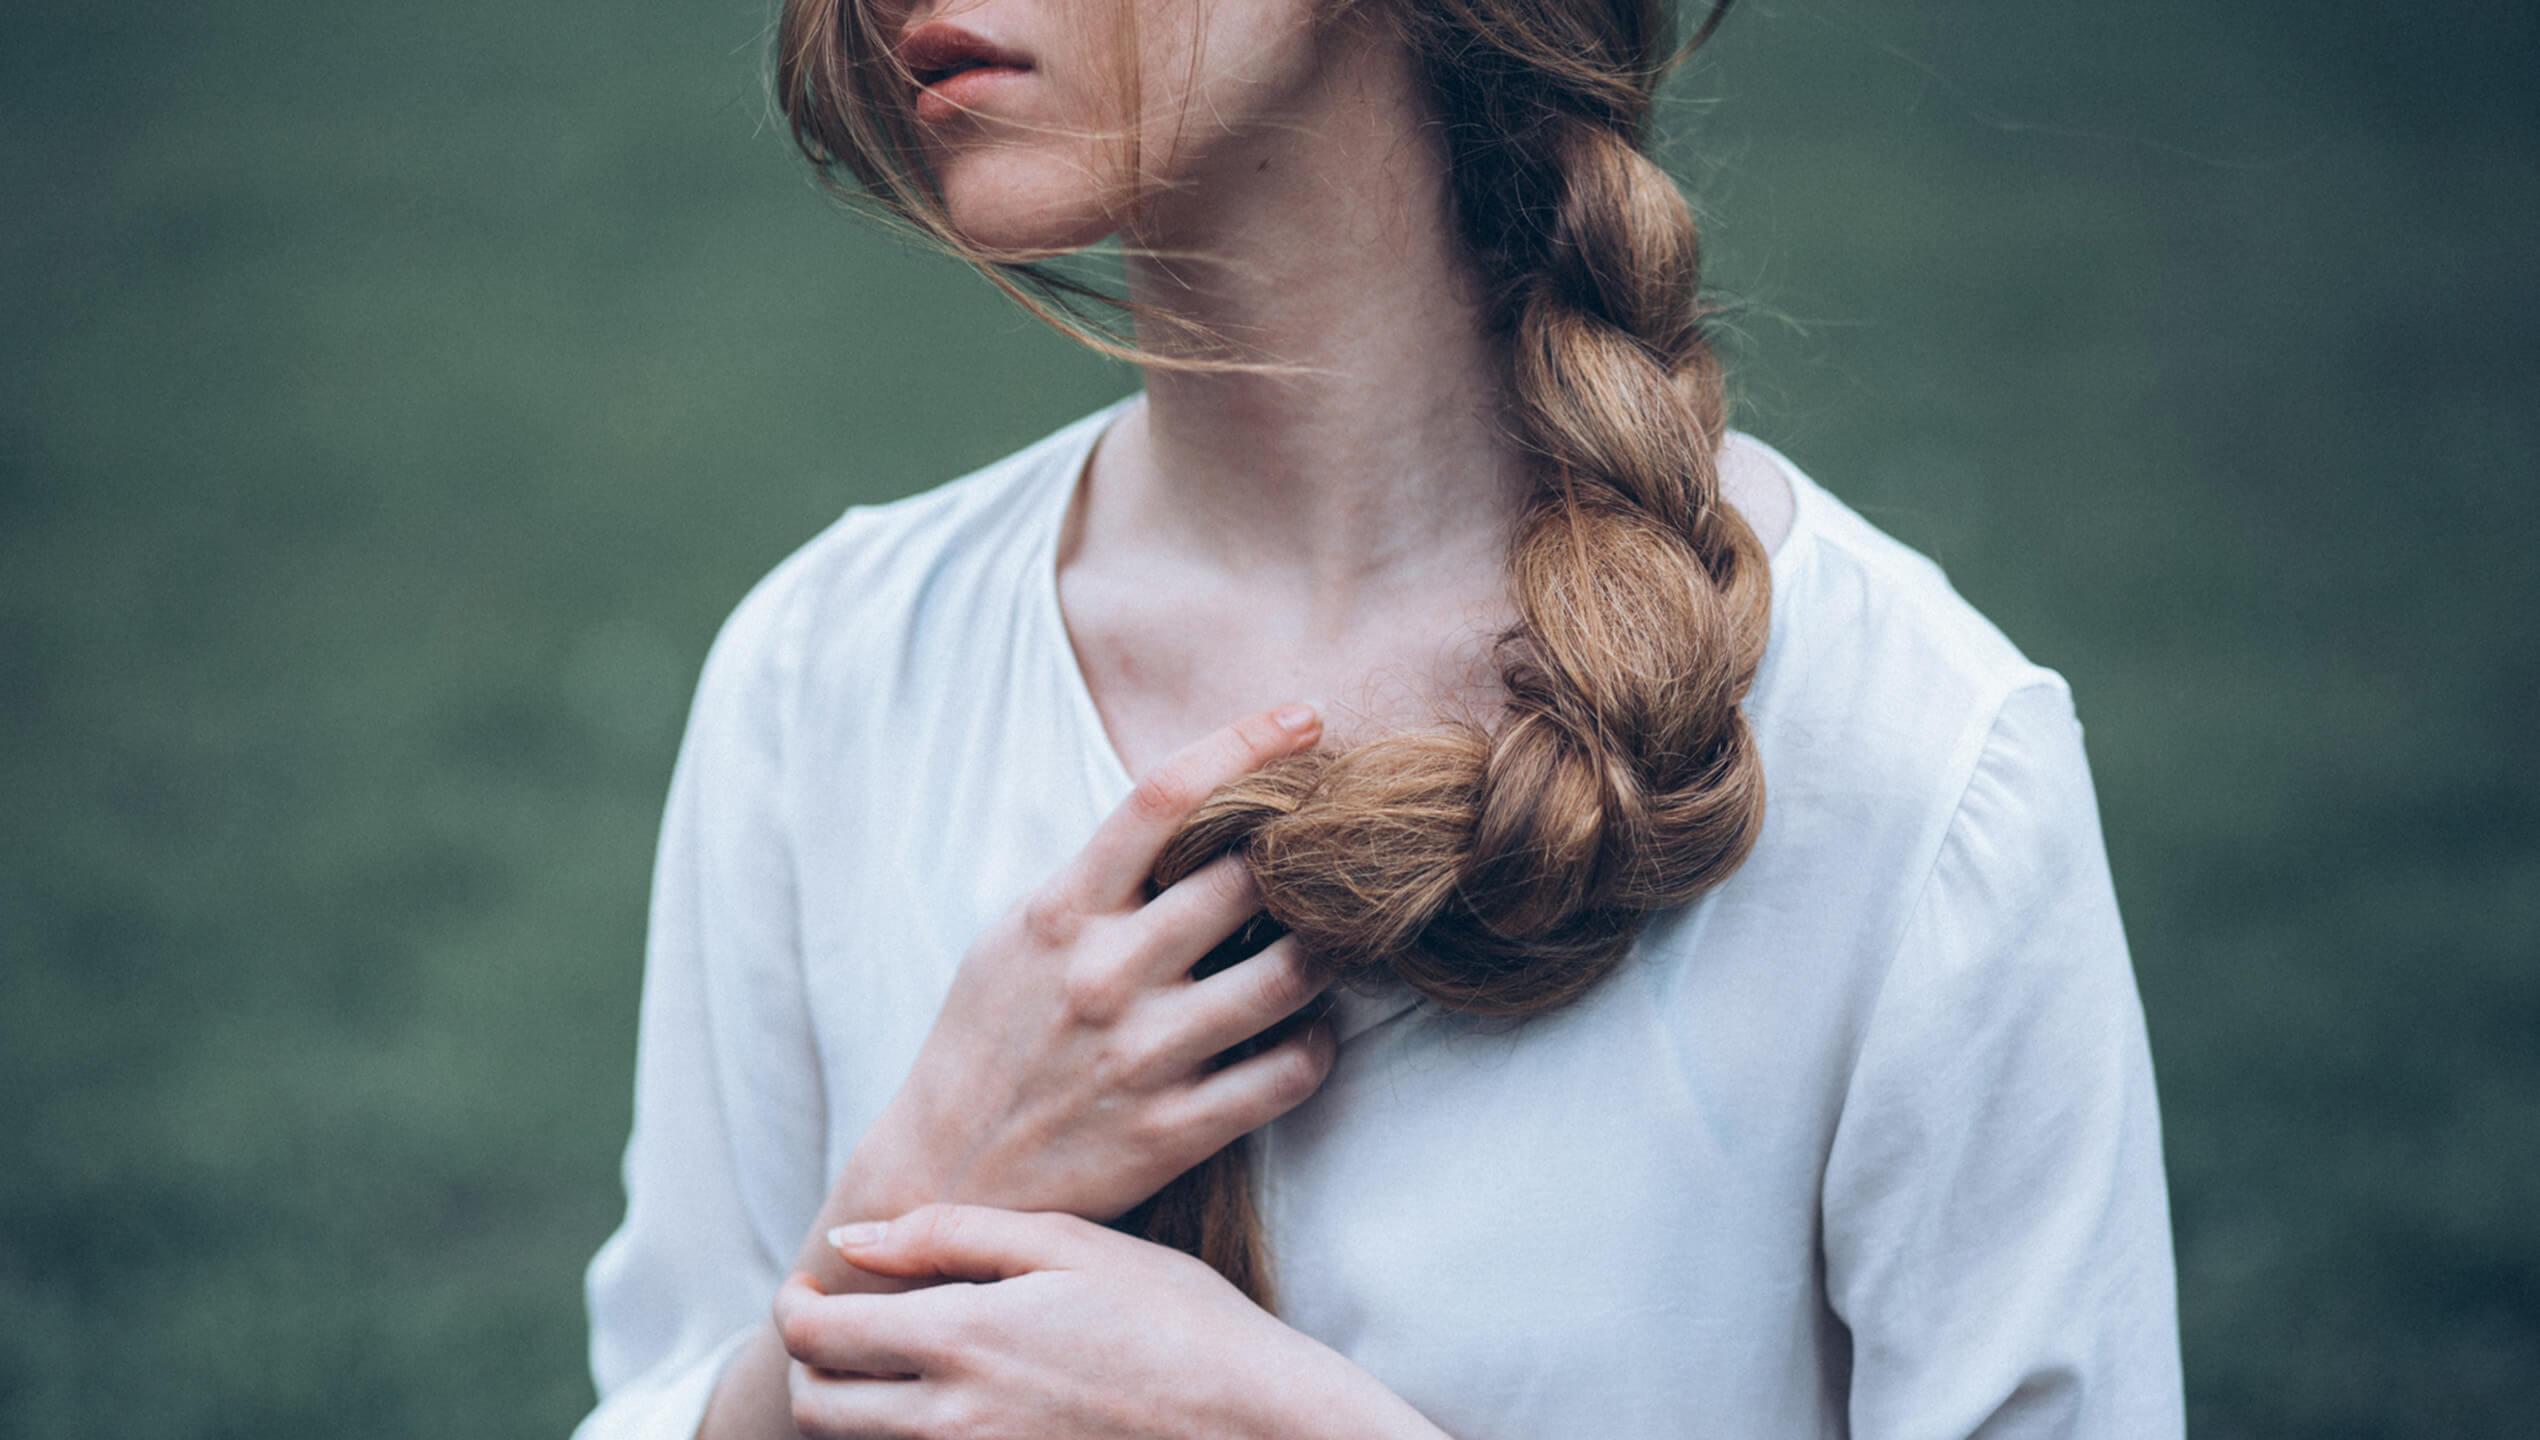 Carmen Hache photography